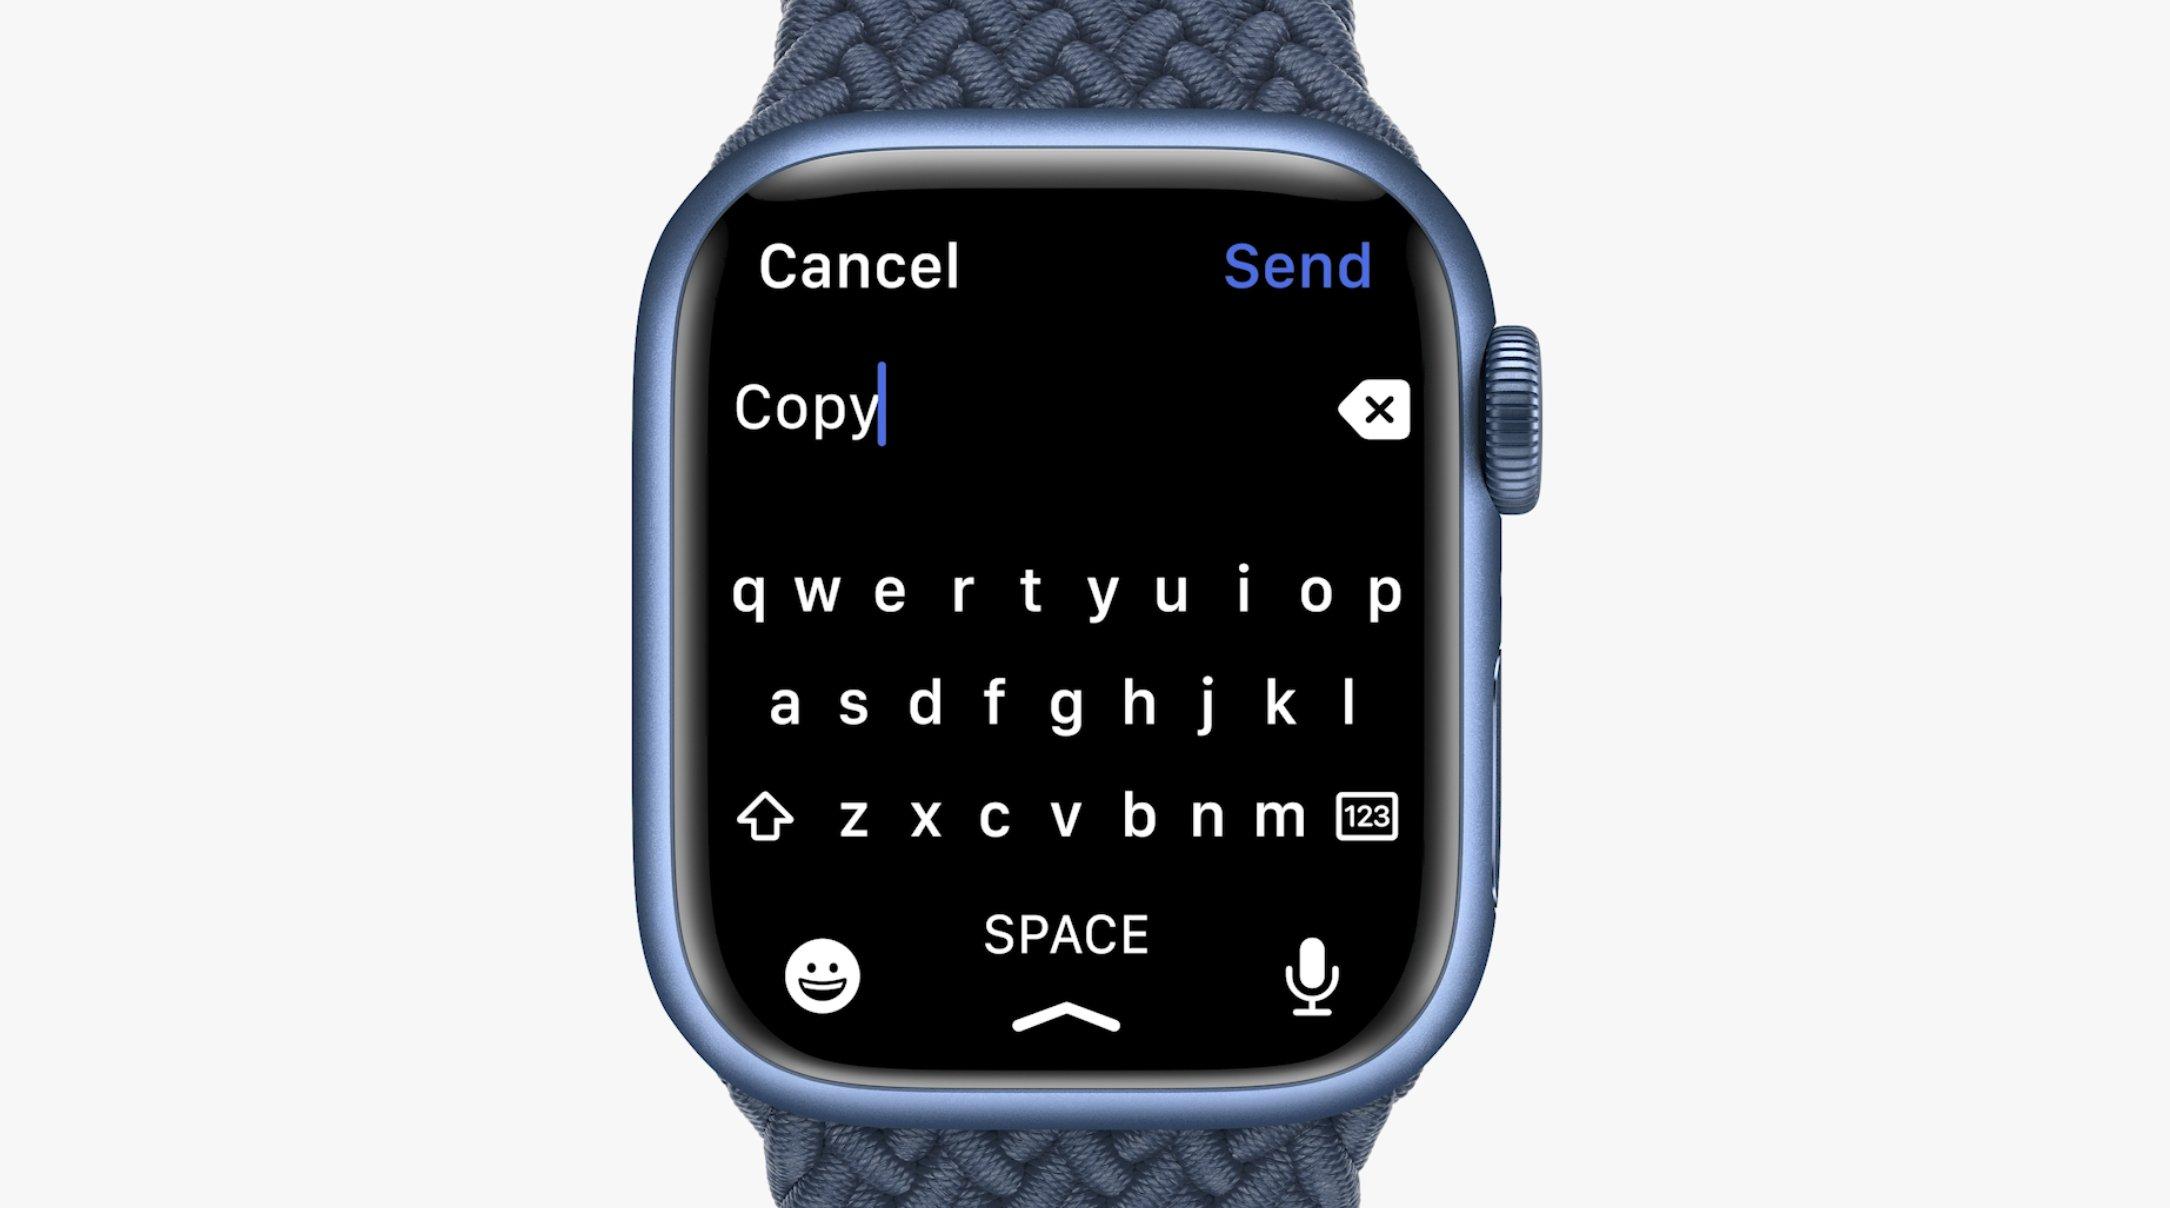 Teclado virtual del Apple Watch Series 7